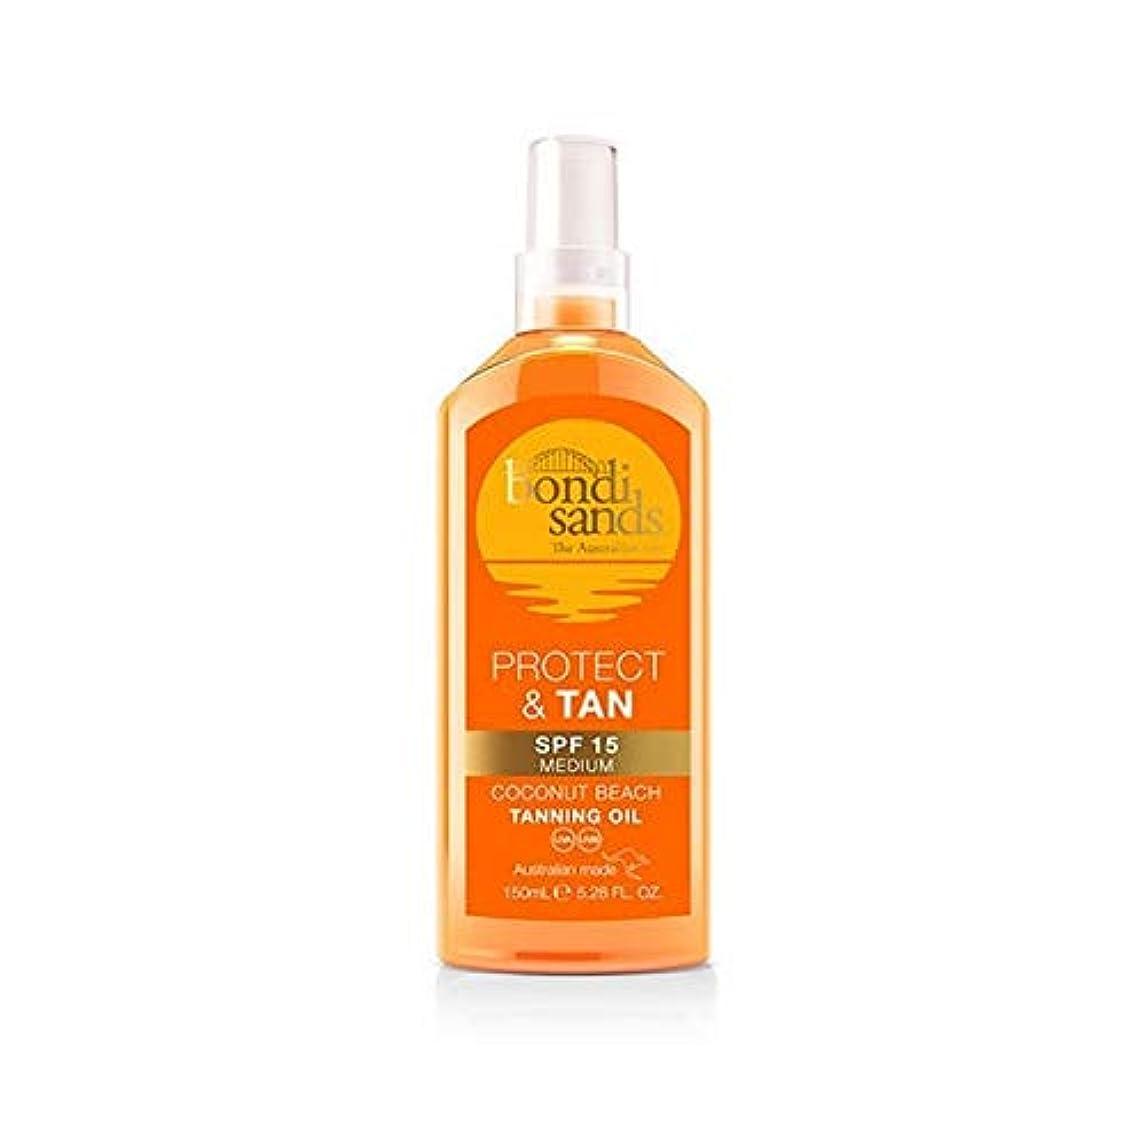 タオル乳製品救急車[Bondi Sands ] ボンダイ砂は、保護&日焼け日焼けオイルSpf 15 - Bondi Sands Protect & Tan Tanning Oil SPF 15 [並行輸入品]